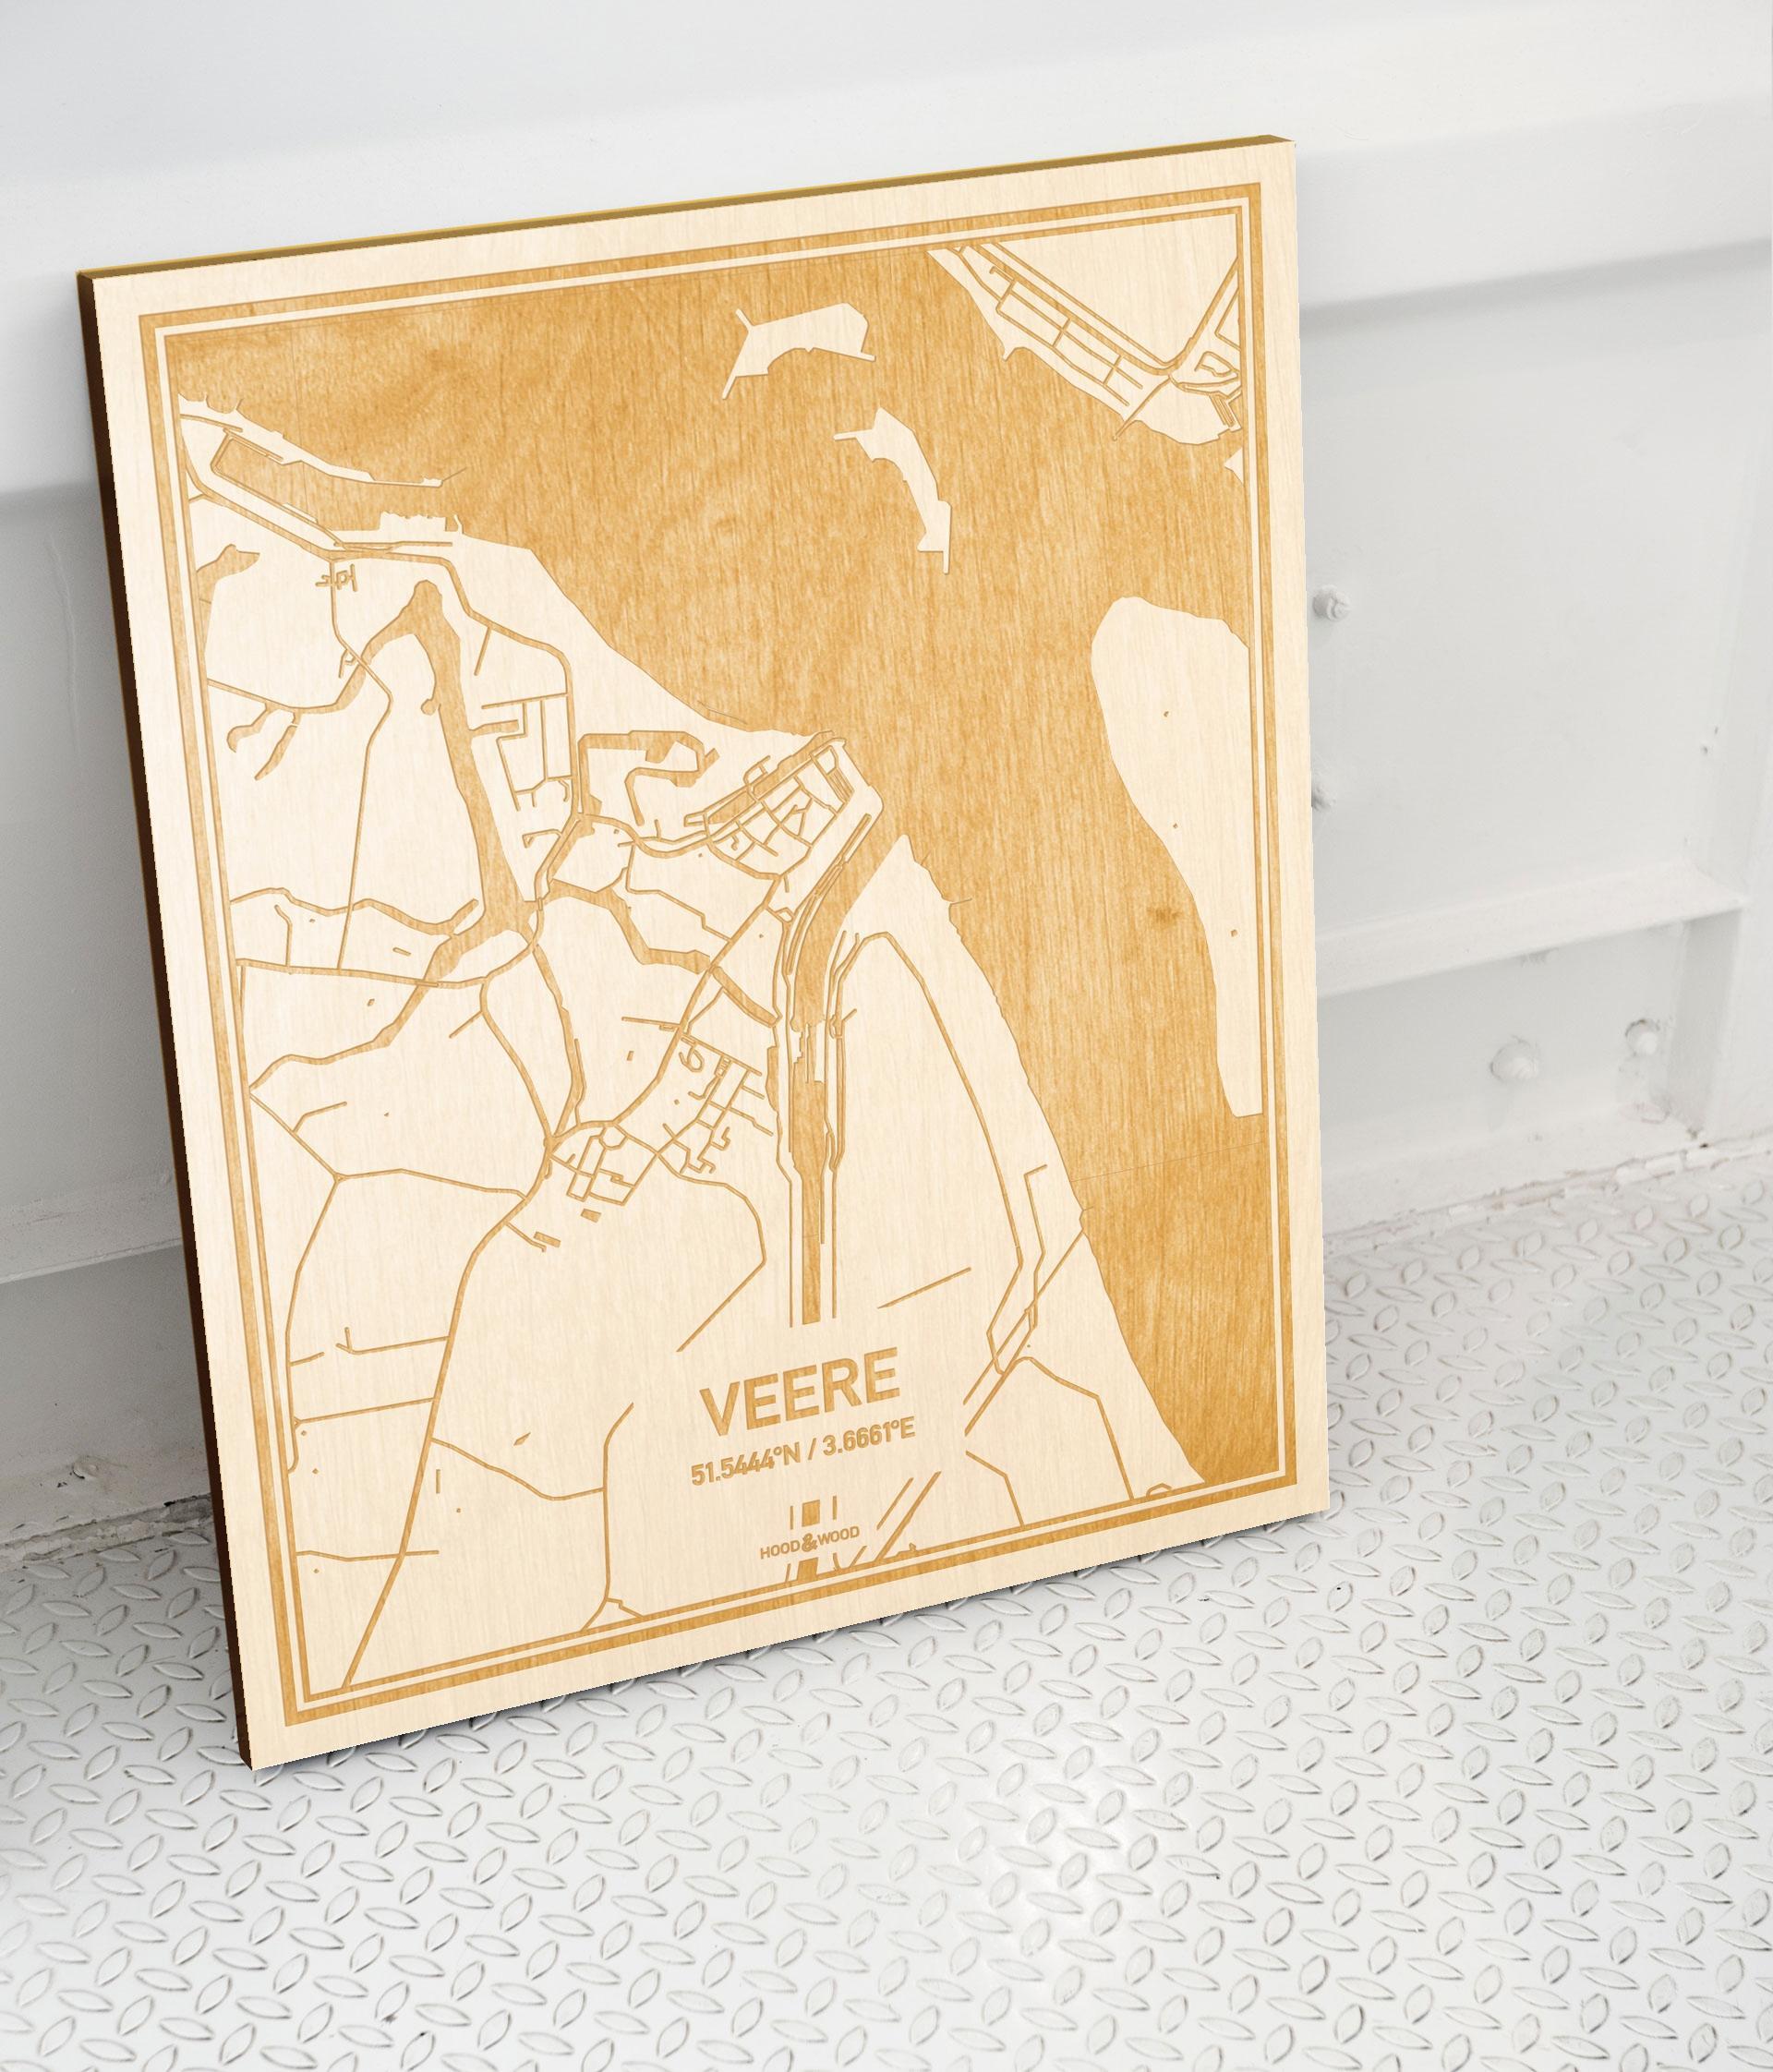 Plattegrond Veere als prachtige houten wanddecoratie. Het warme hout contrasteert mooi met de witte muur.